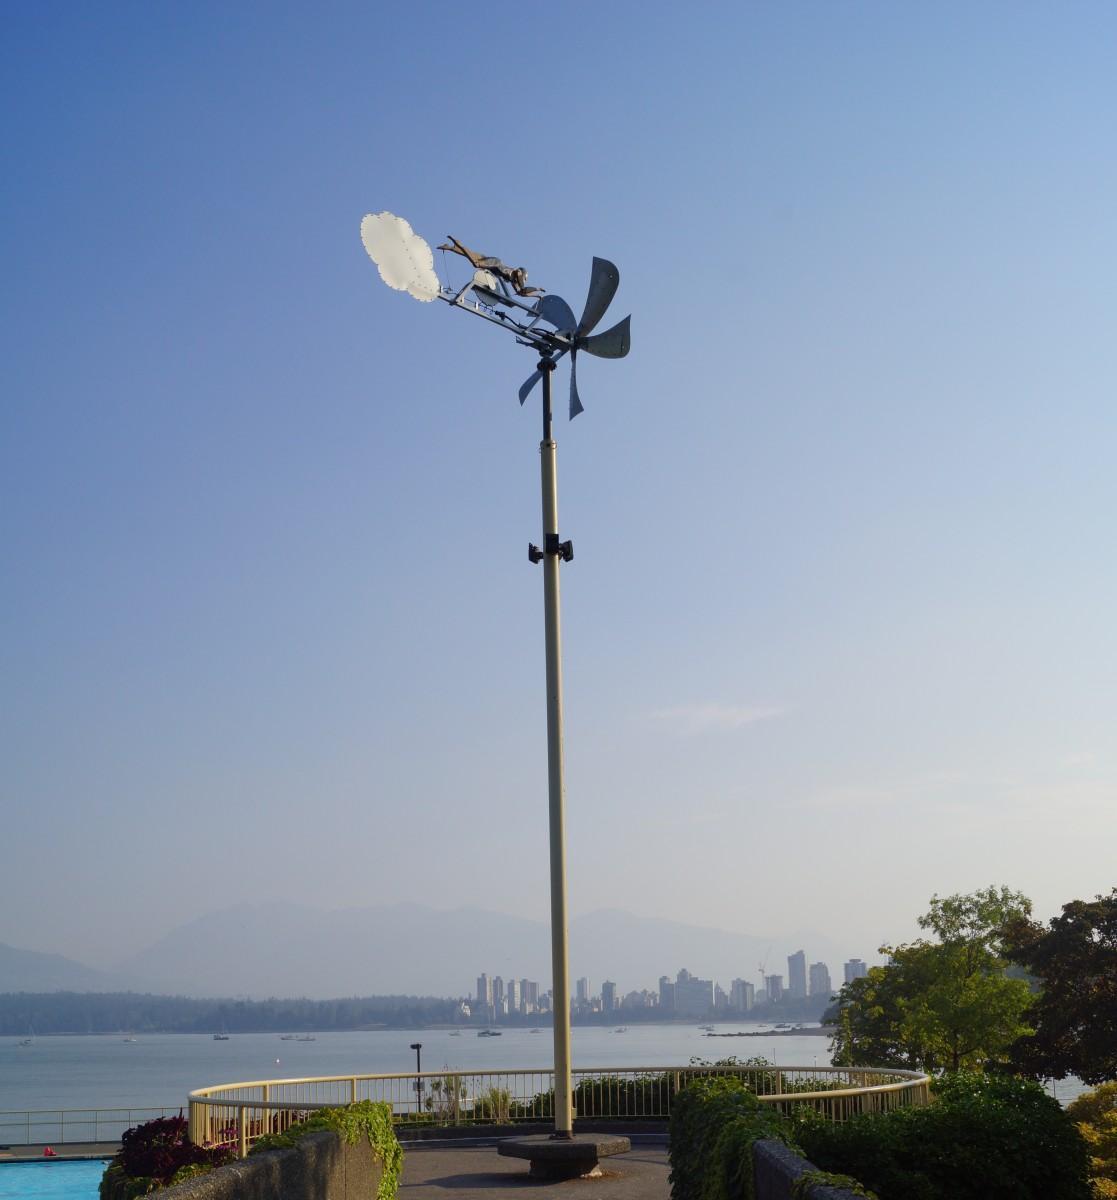 3年前の嵐で損傷して以来、再設置された「風のスイマー(Wind Swimmer)」(写真提供=Vancouver Park Board)